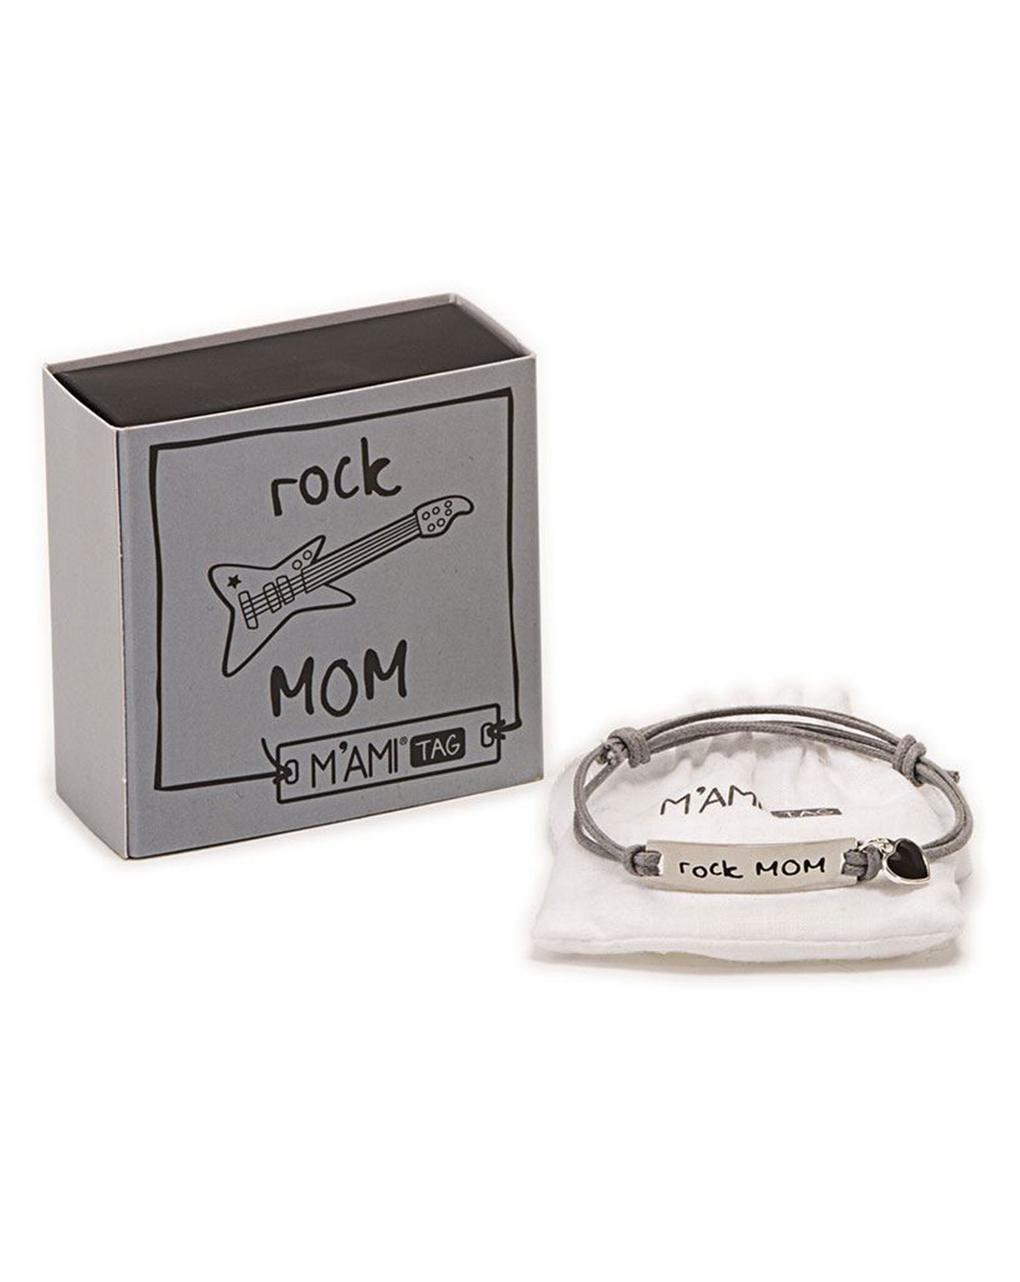 M'ami® tag rock mom - M'Ami